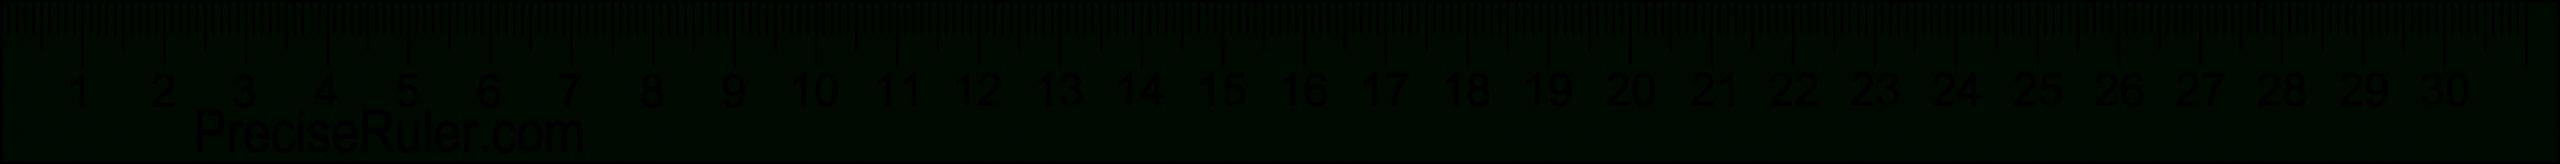 Preciseruler - Ruler Online